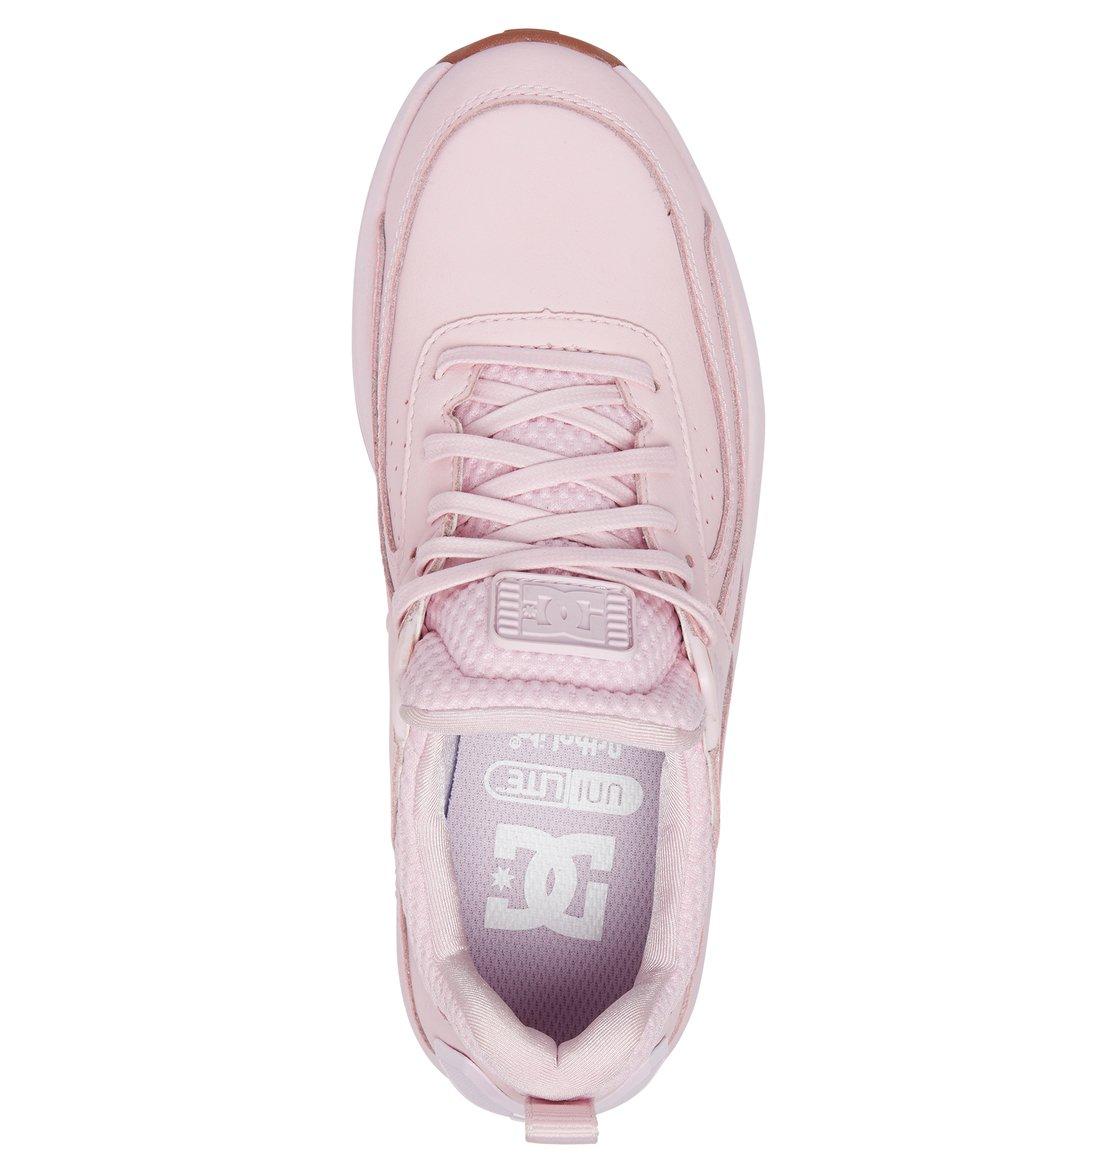 DC-Shoes-Vandium-SE-Baskets-pour-Femme-ADJS200026 miniature 16